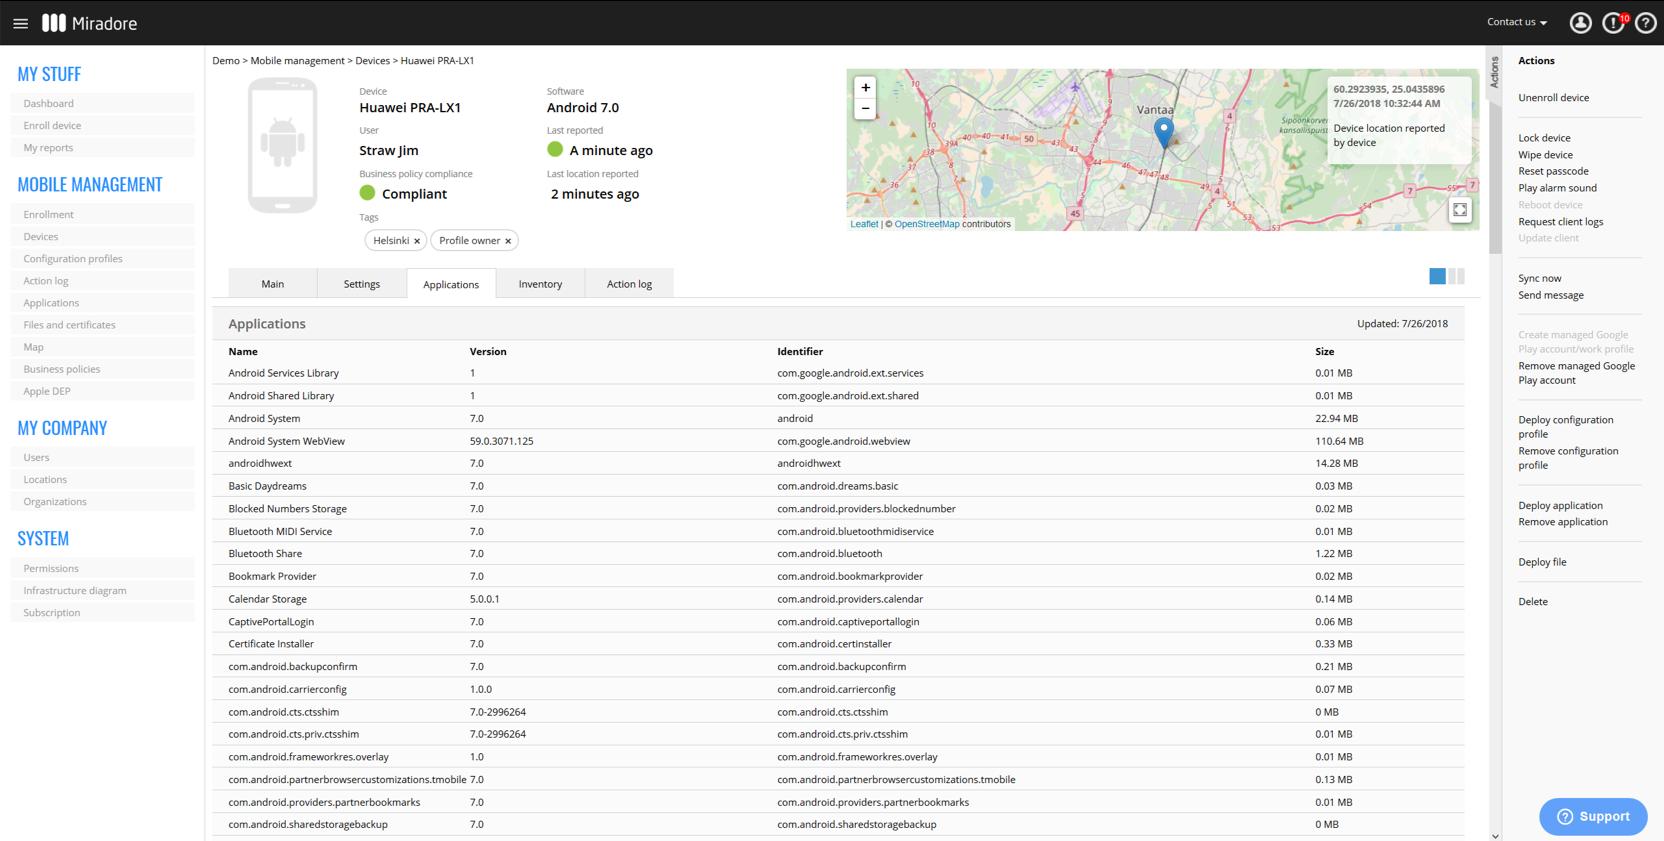 Miradore Online Demo - Application inventory